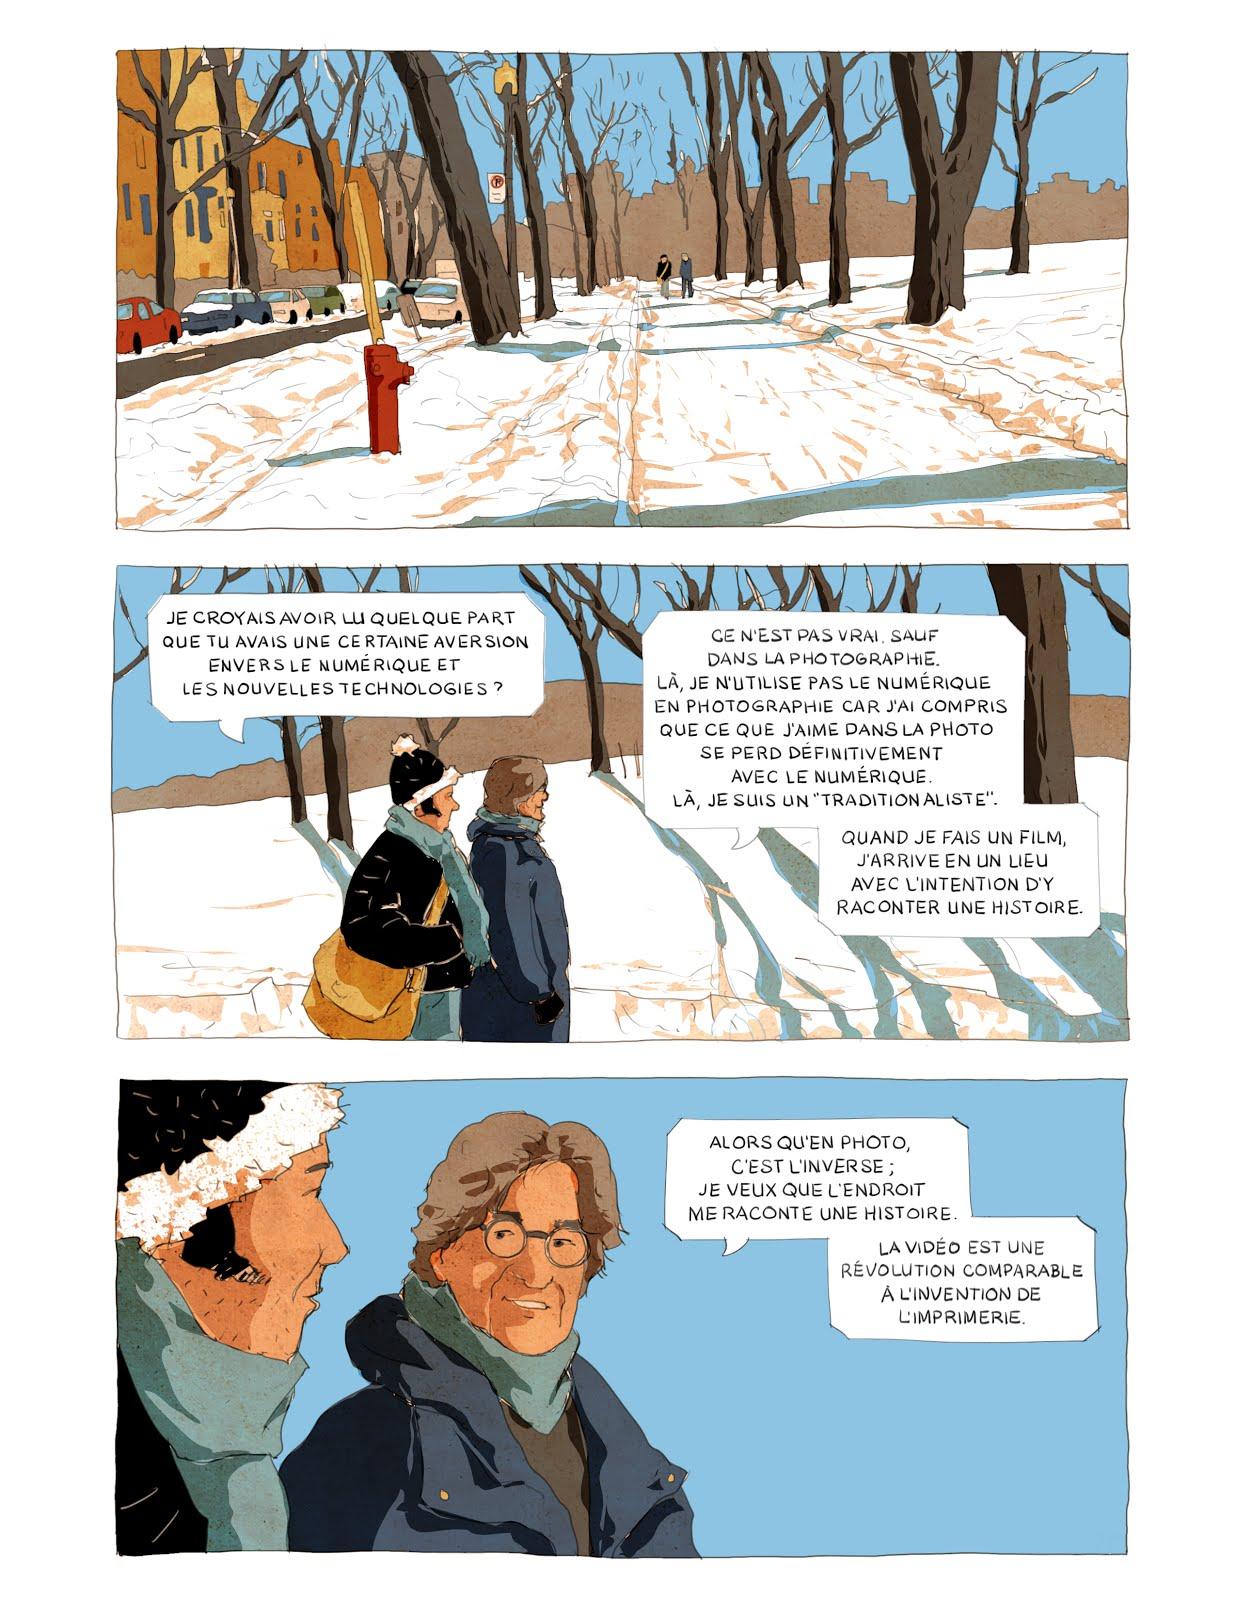 """""""Le storyboard de Wim Wenders"""" (extrait)"""